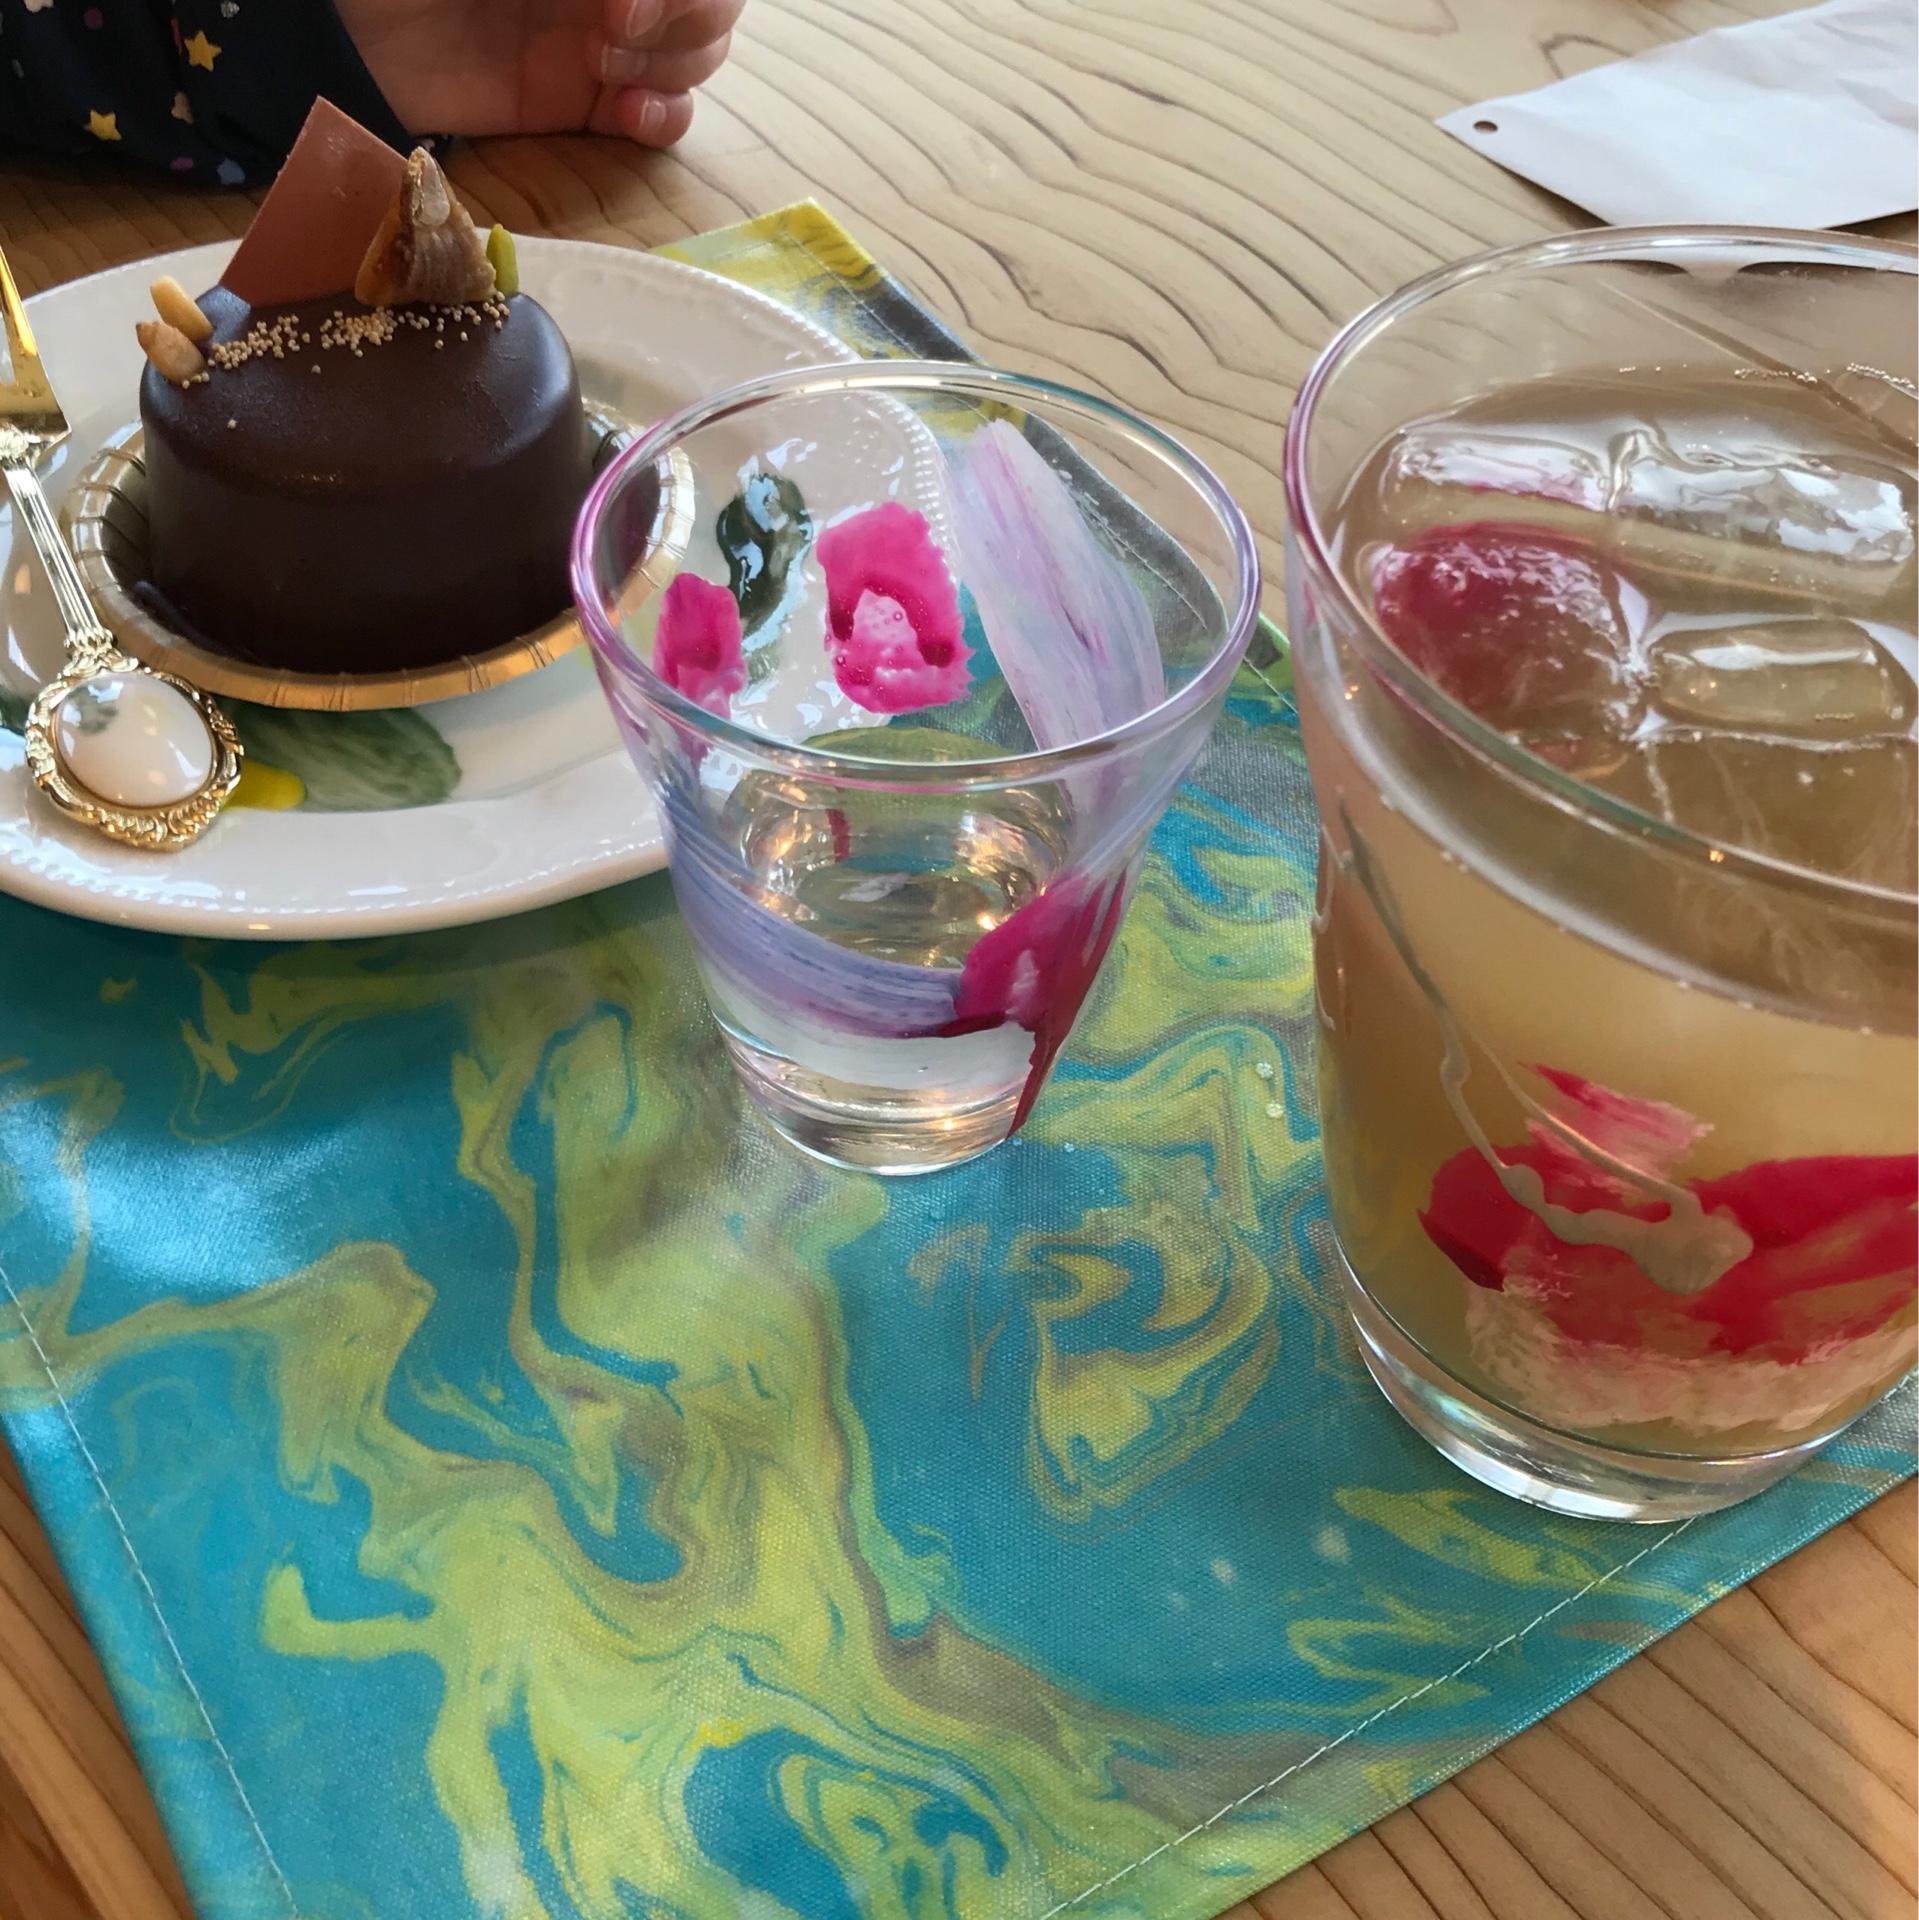 グルテンフリーのケーキとコーヒーの組み合わせは、最高です。